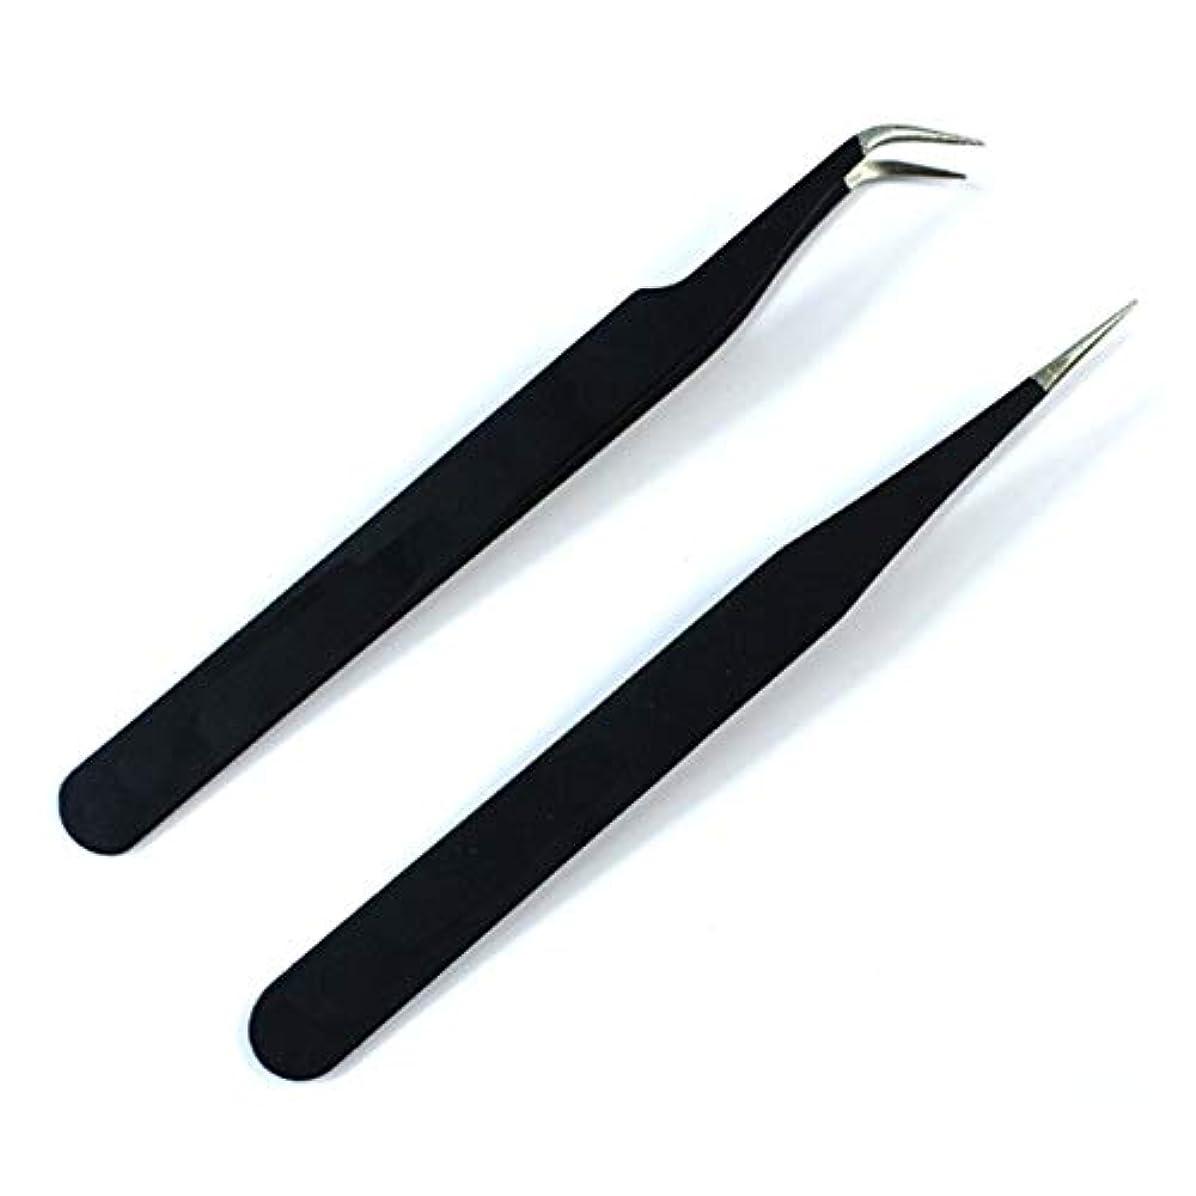 ネイルツールネイルピンセットネイル型ステンレス肘ストレートヘッドピンセット丈夫なネイルピンセット(ブラック)